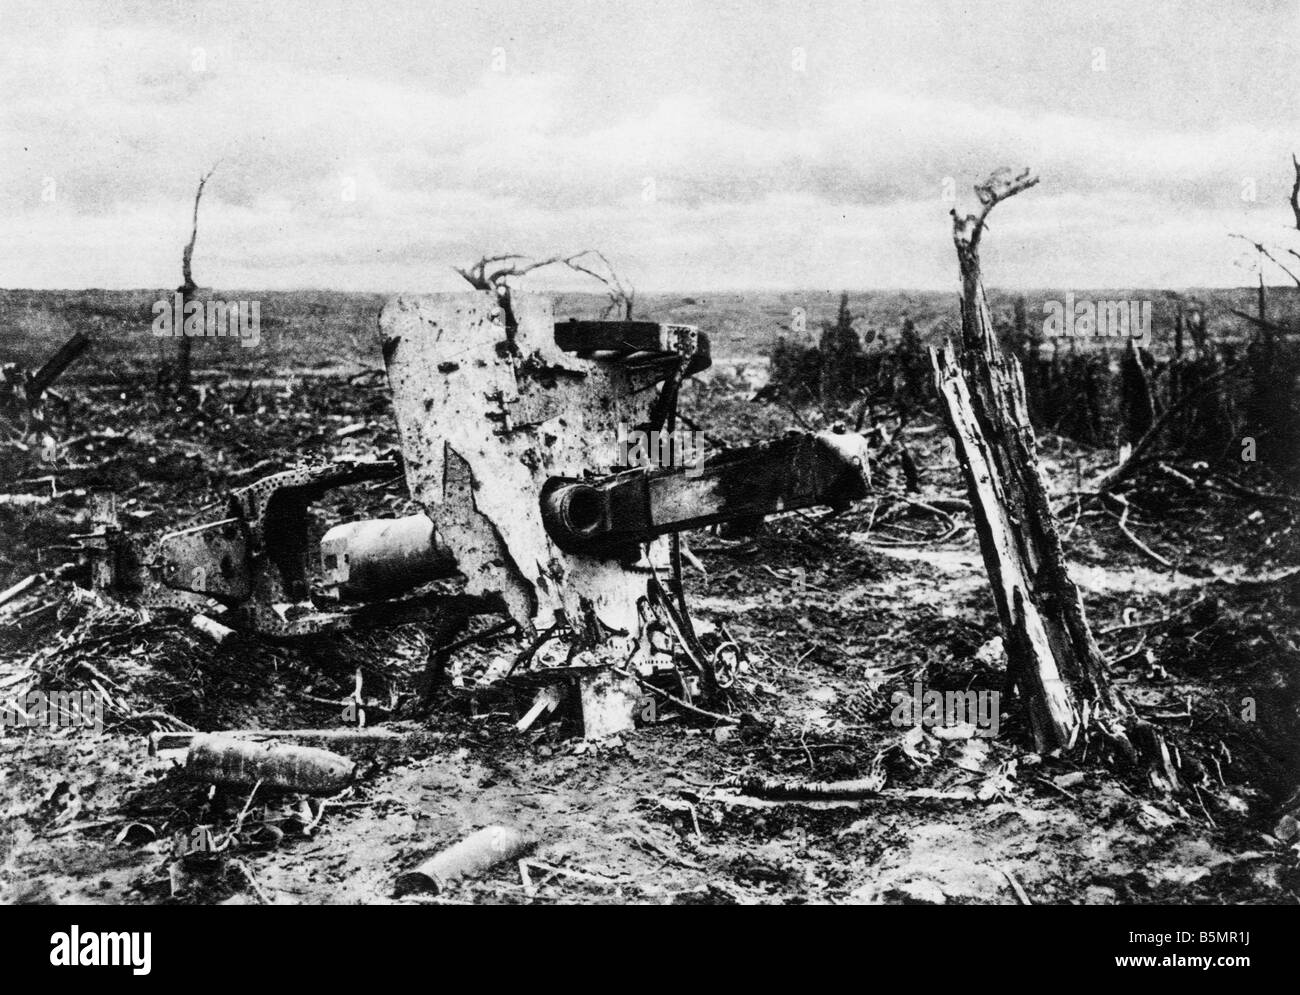 9 1916 915 A1 E en position d'artillerie Martinpuich 19161 1918 1914 La Seconde Guerre mondiale Bataille de Bad Berka Somme 23 Juin 26 Novembre 1916 Banque D'Images